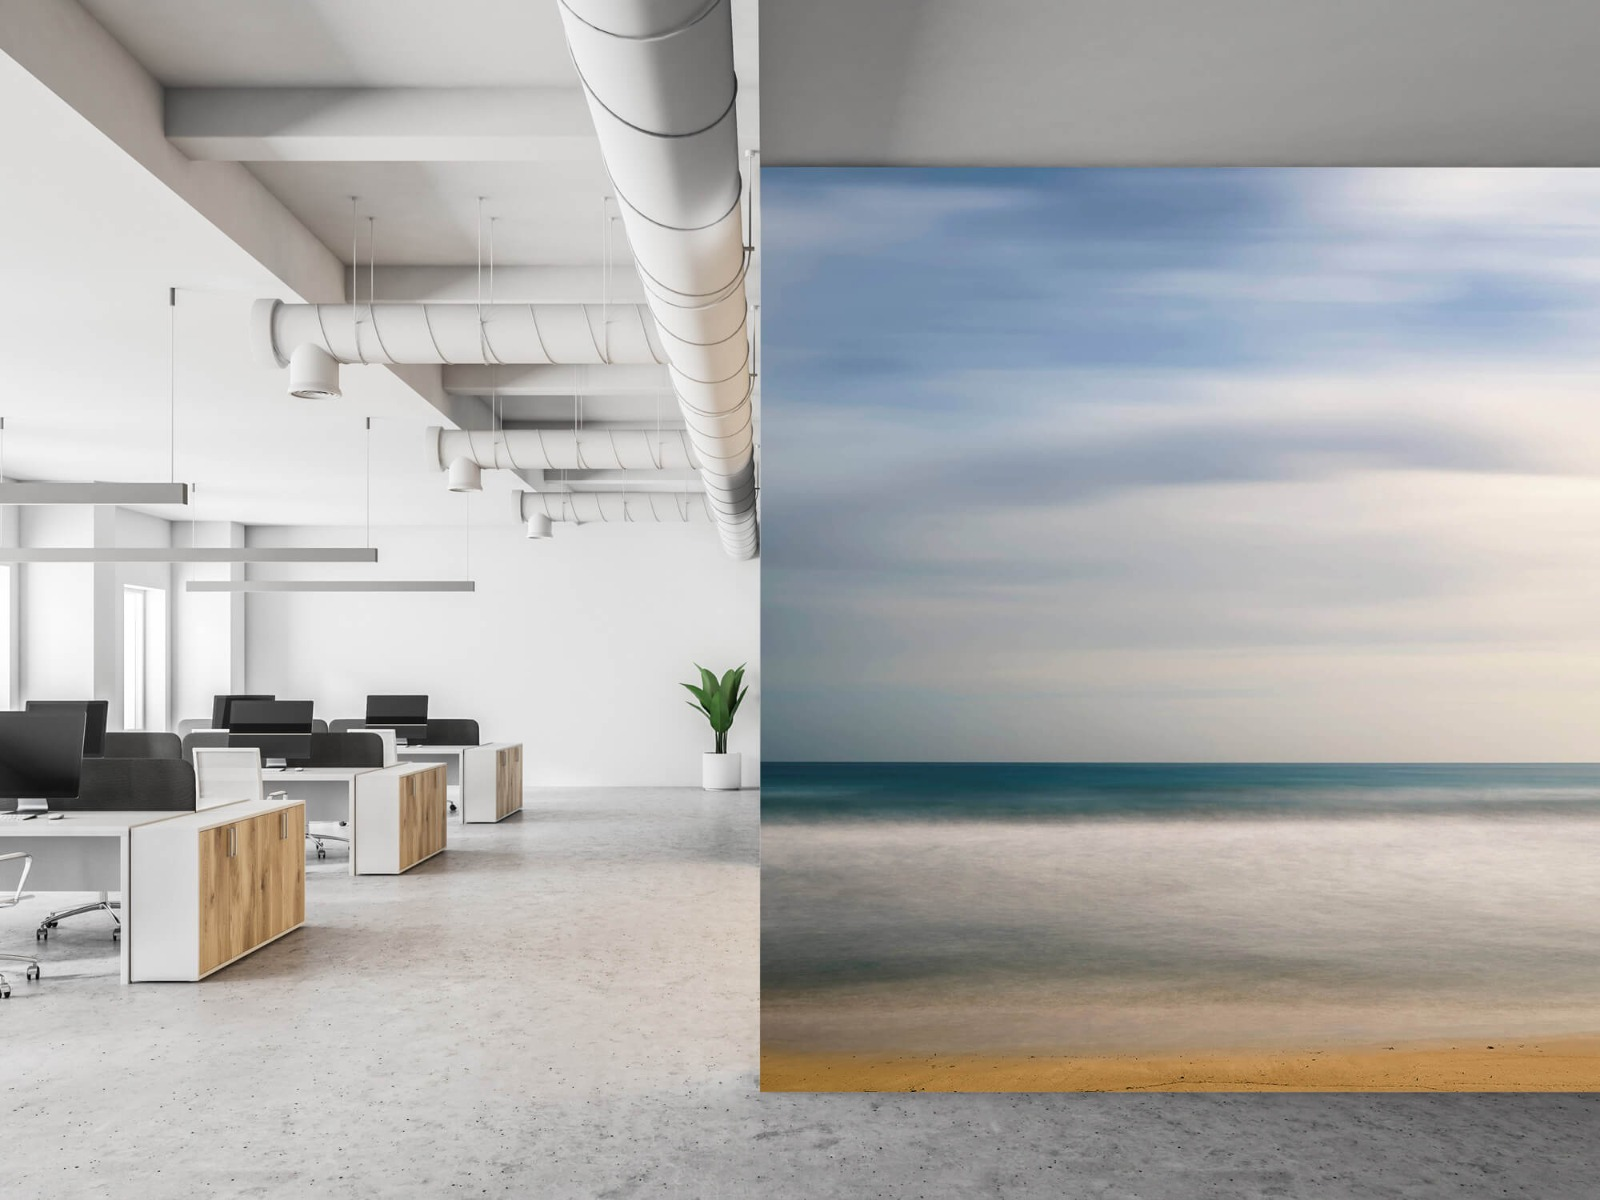 Zeeën en Oceanen - Open zee - Slaapkamer 21